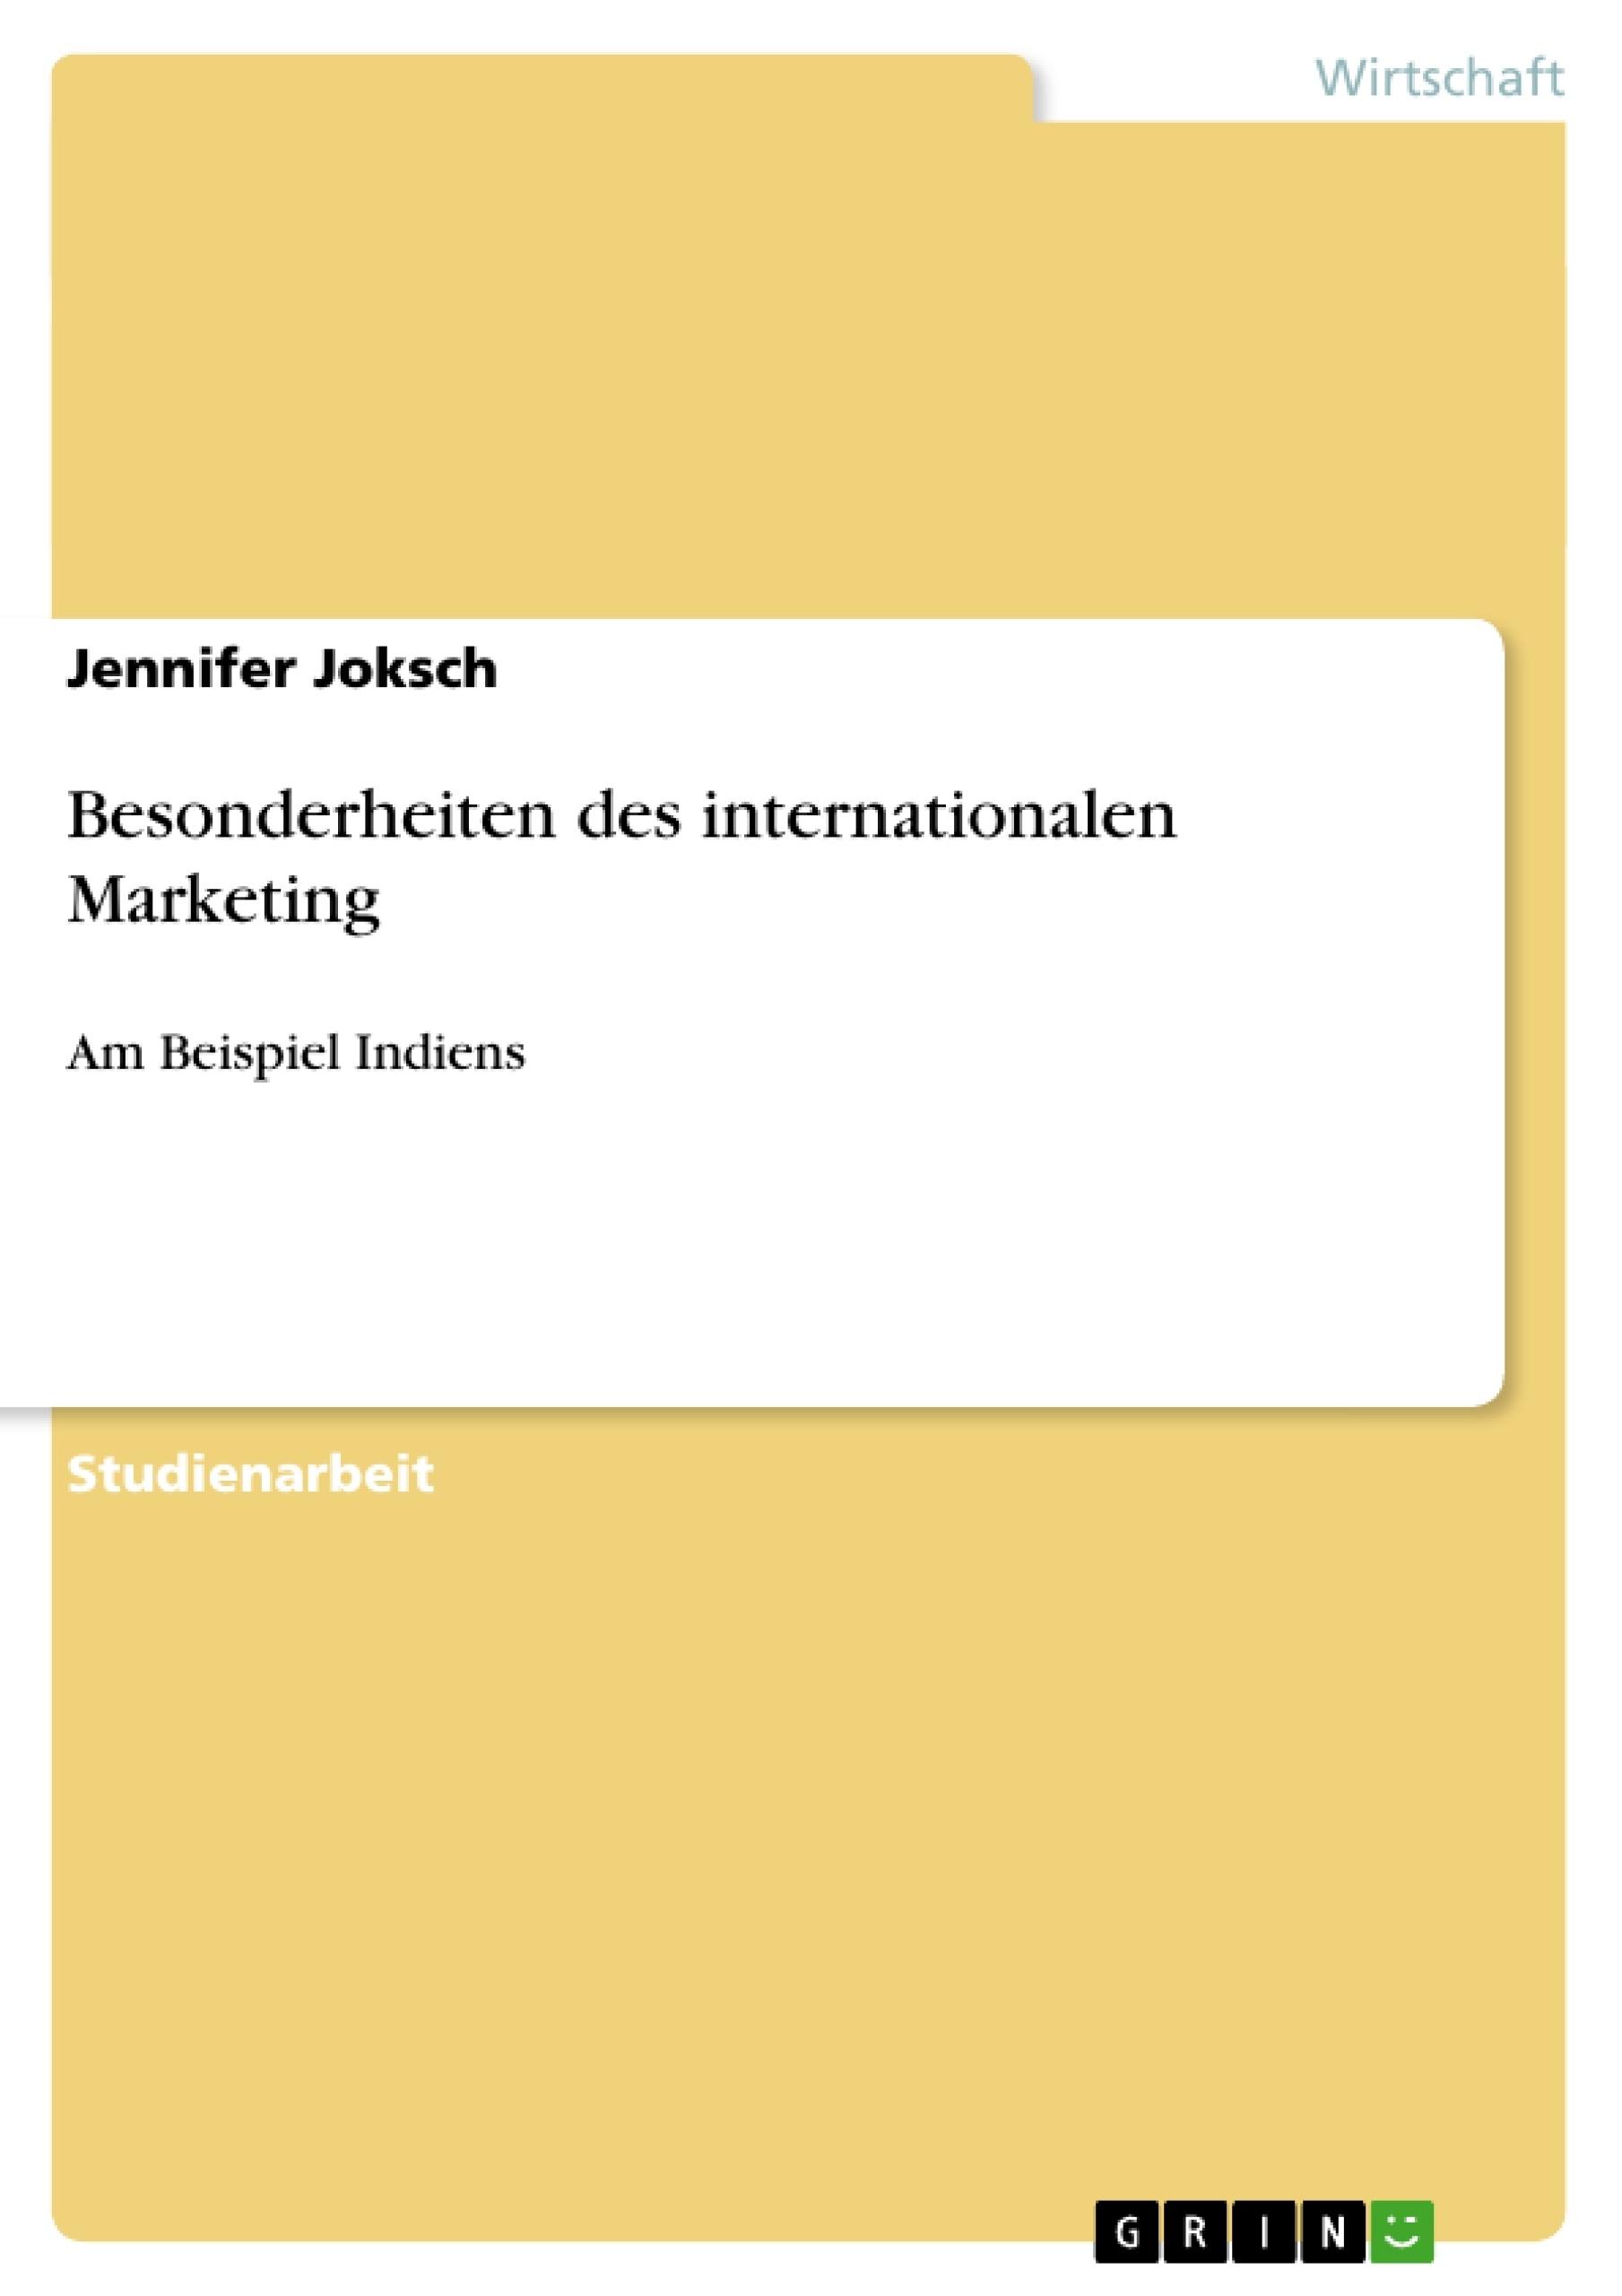 Titel: Besonderheiten des internationalen Marketing